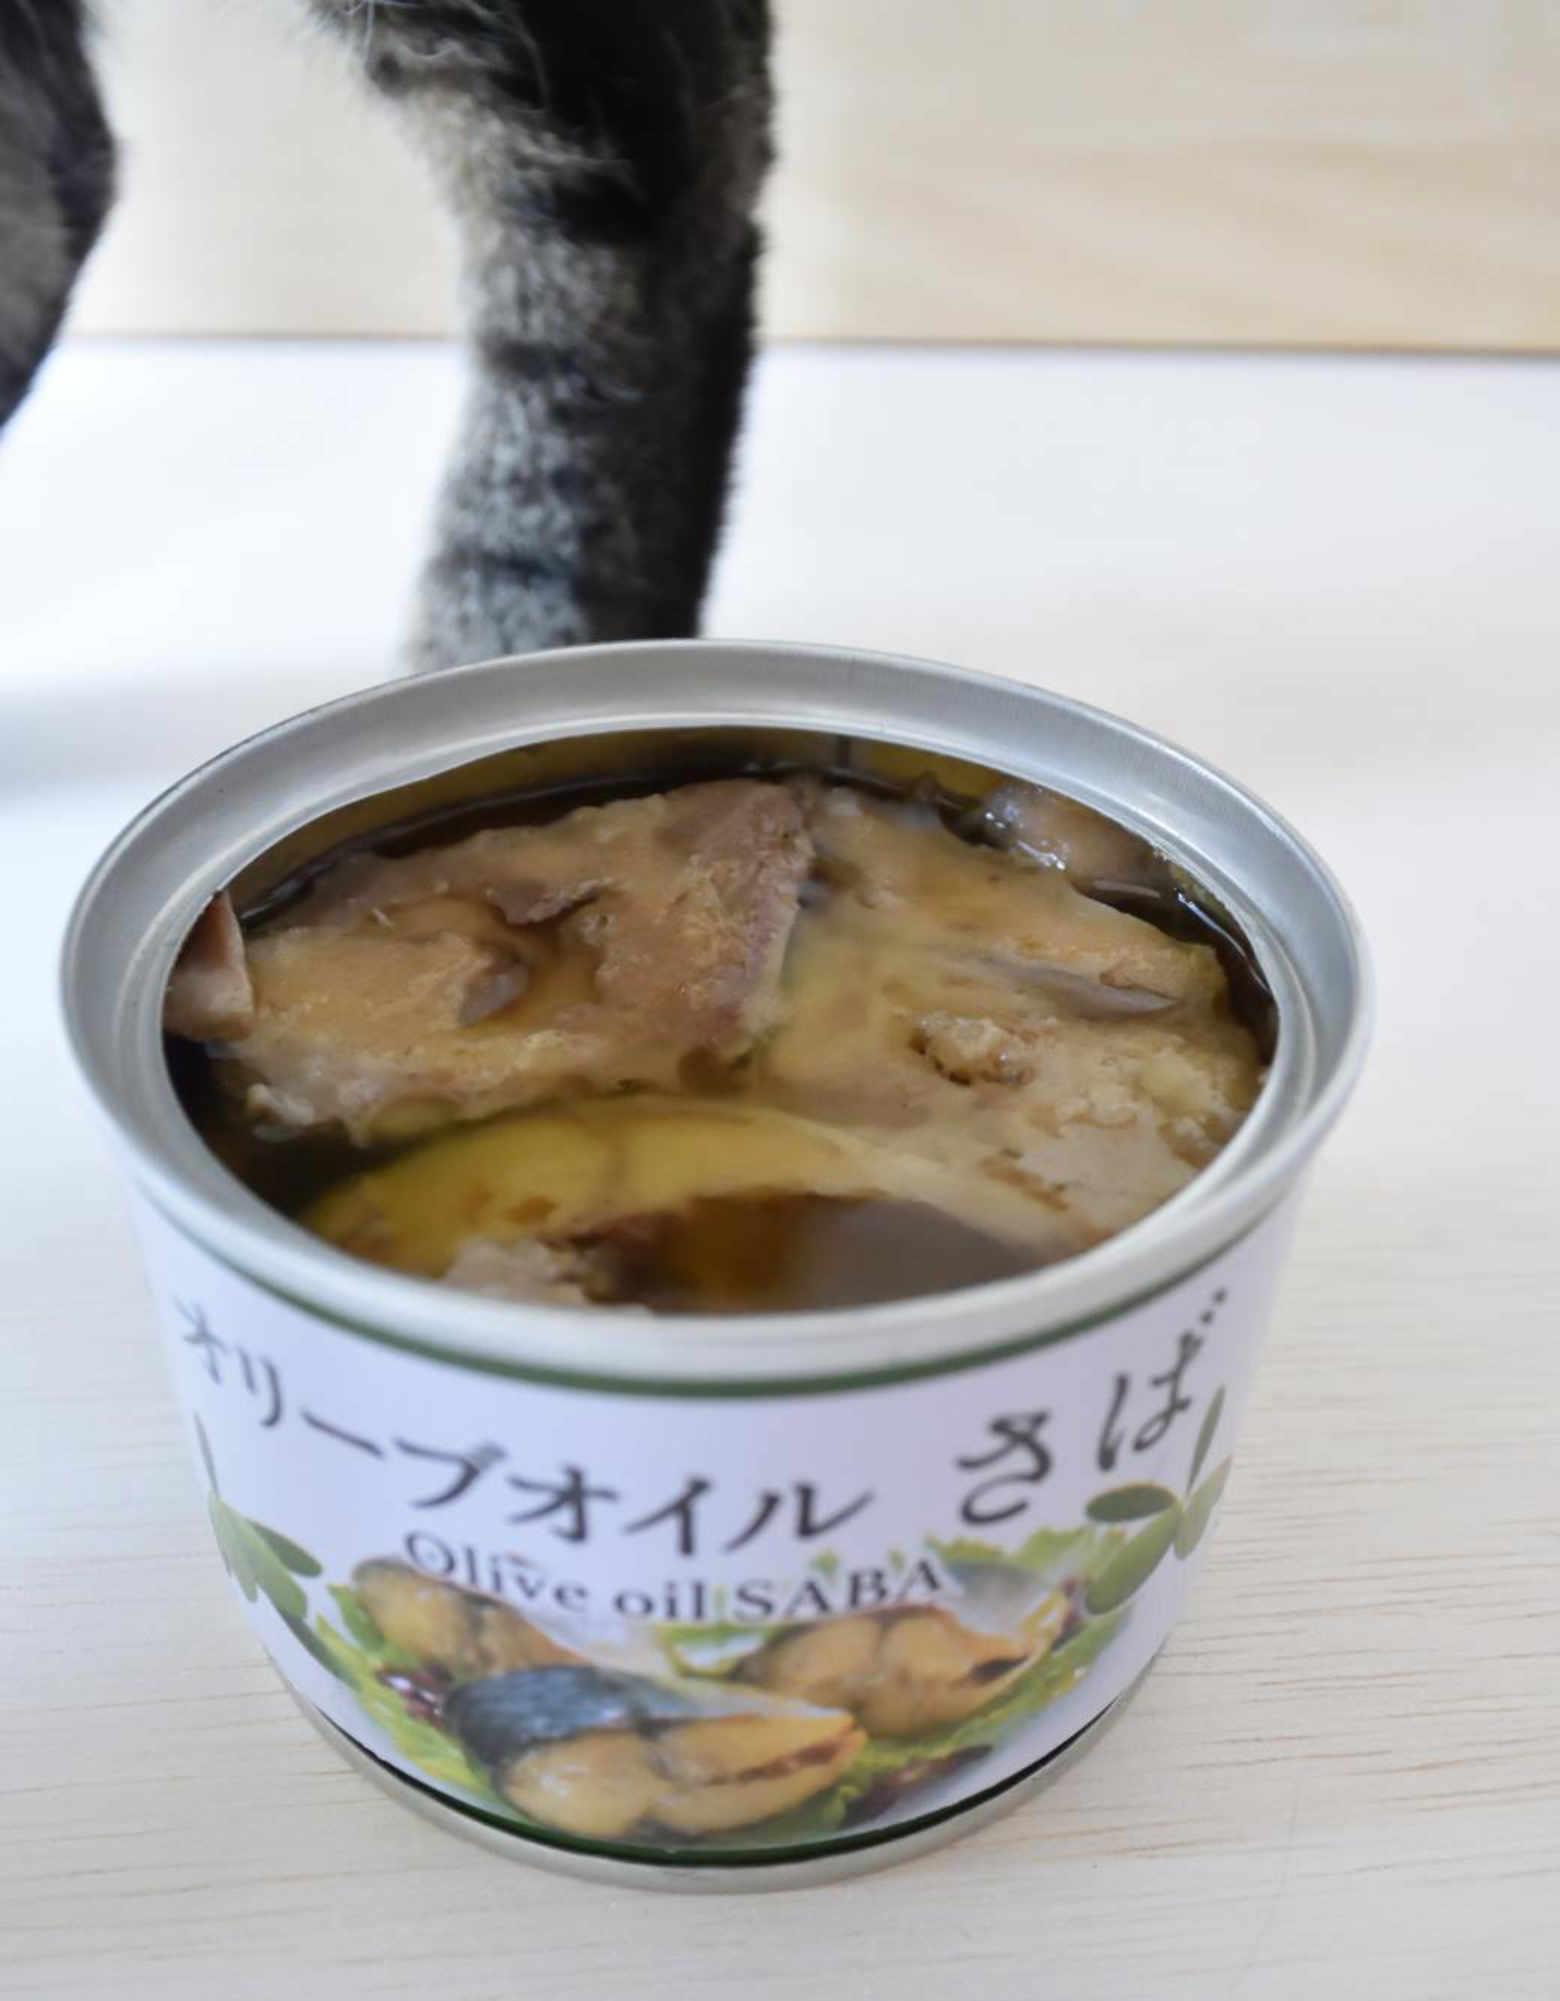 セブンイレブン オリーブオイルさばの缶詰